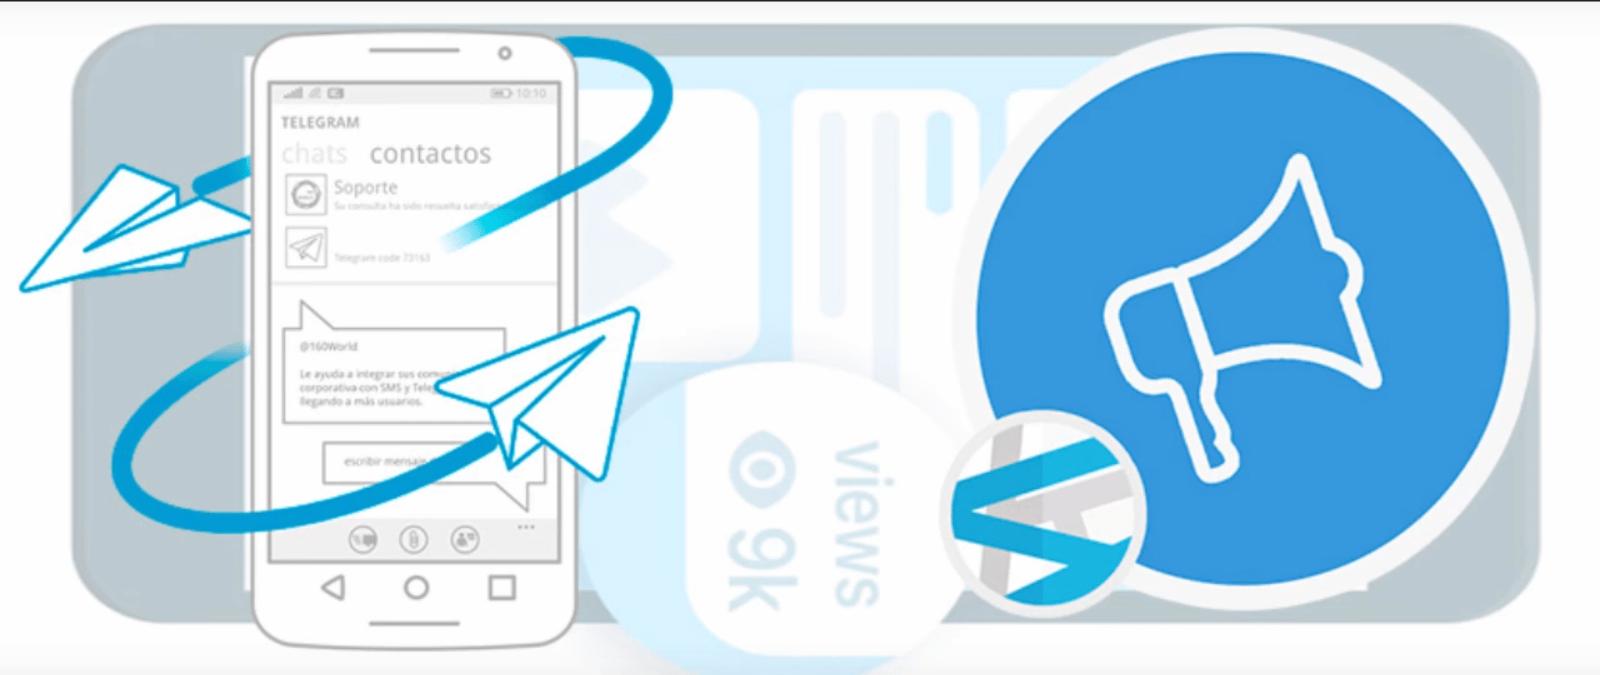 Что такое Telegram? Секрет Telegram